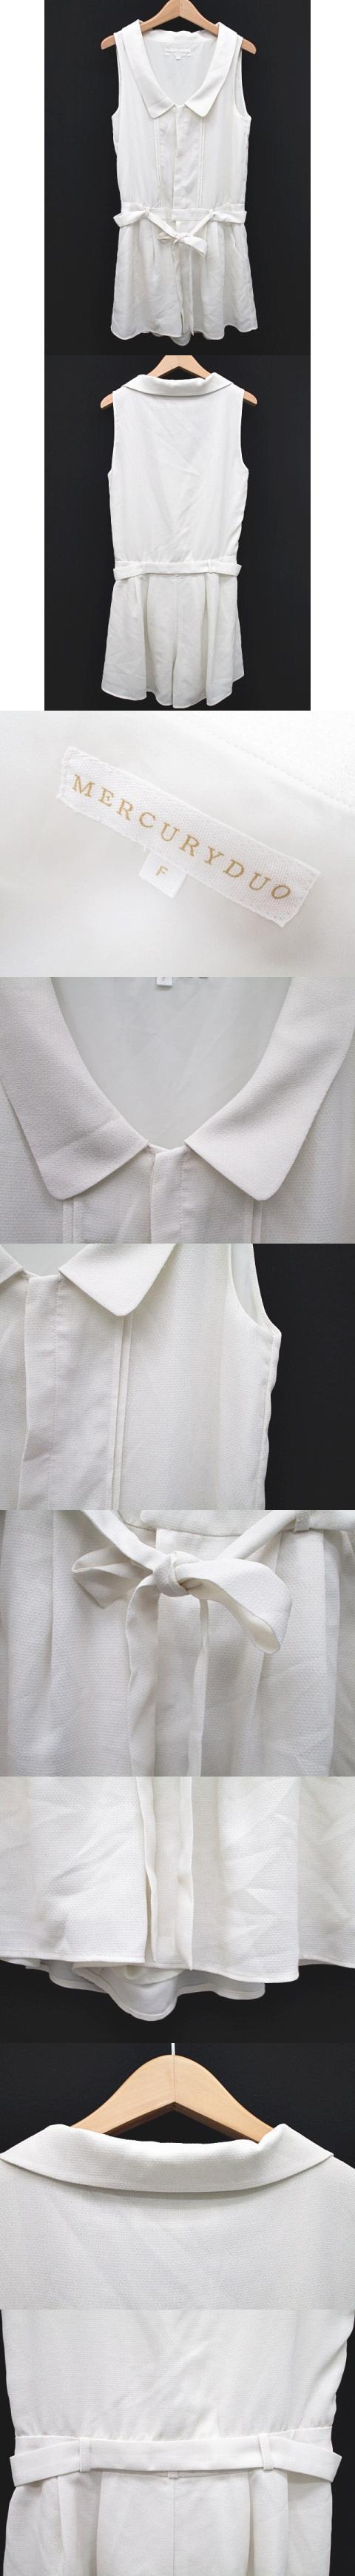 コンビネゾン オールインワン サロペットノースリーブ ショート パンツ リボン ホワイト 白 フリーサイズ F Y-180418